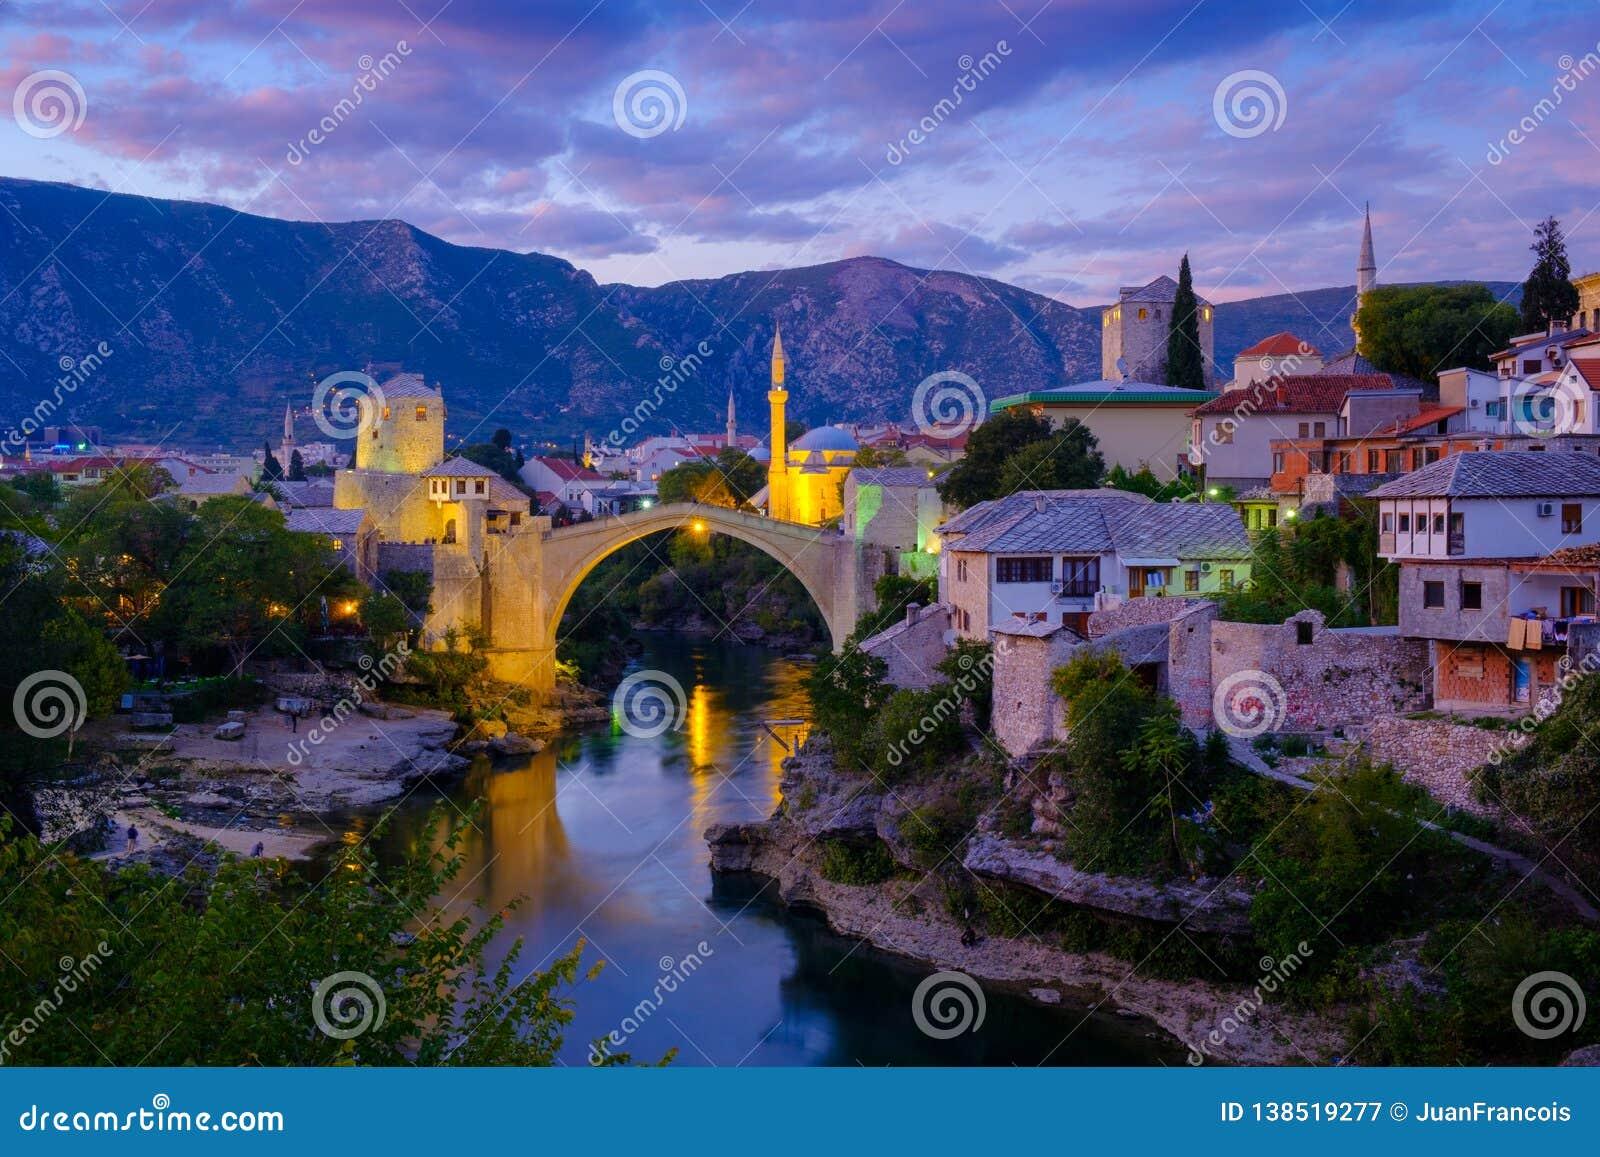 Stari mest, Mostar